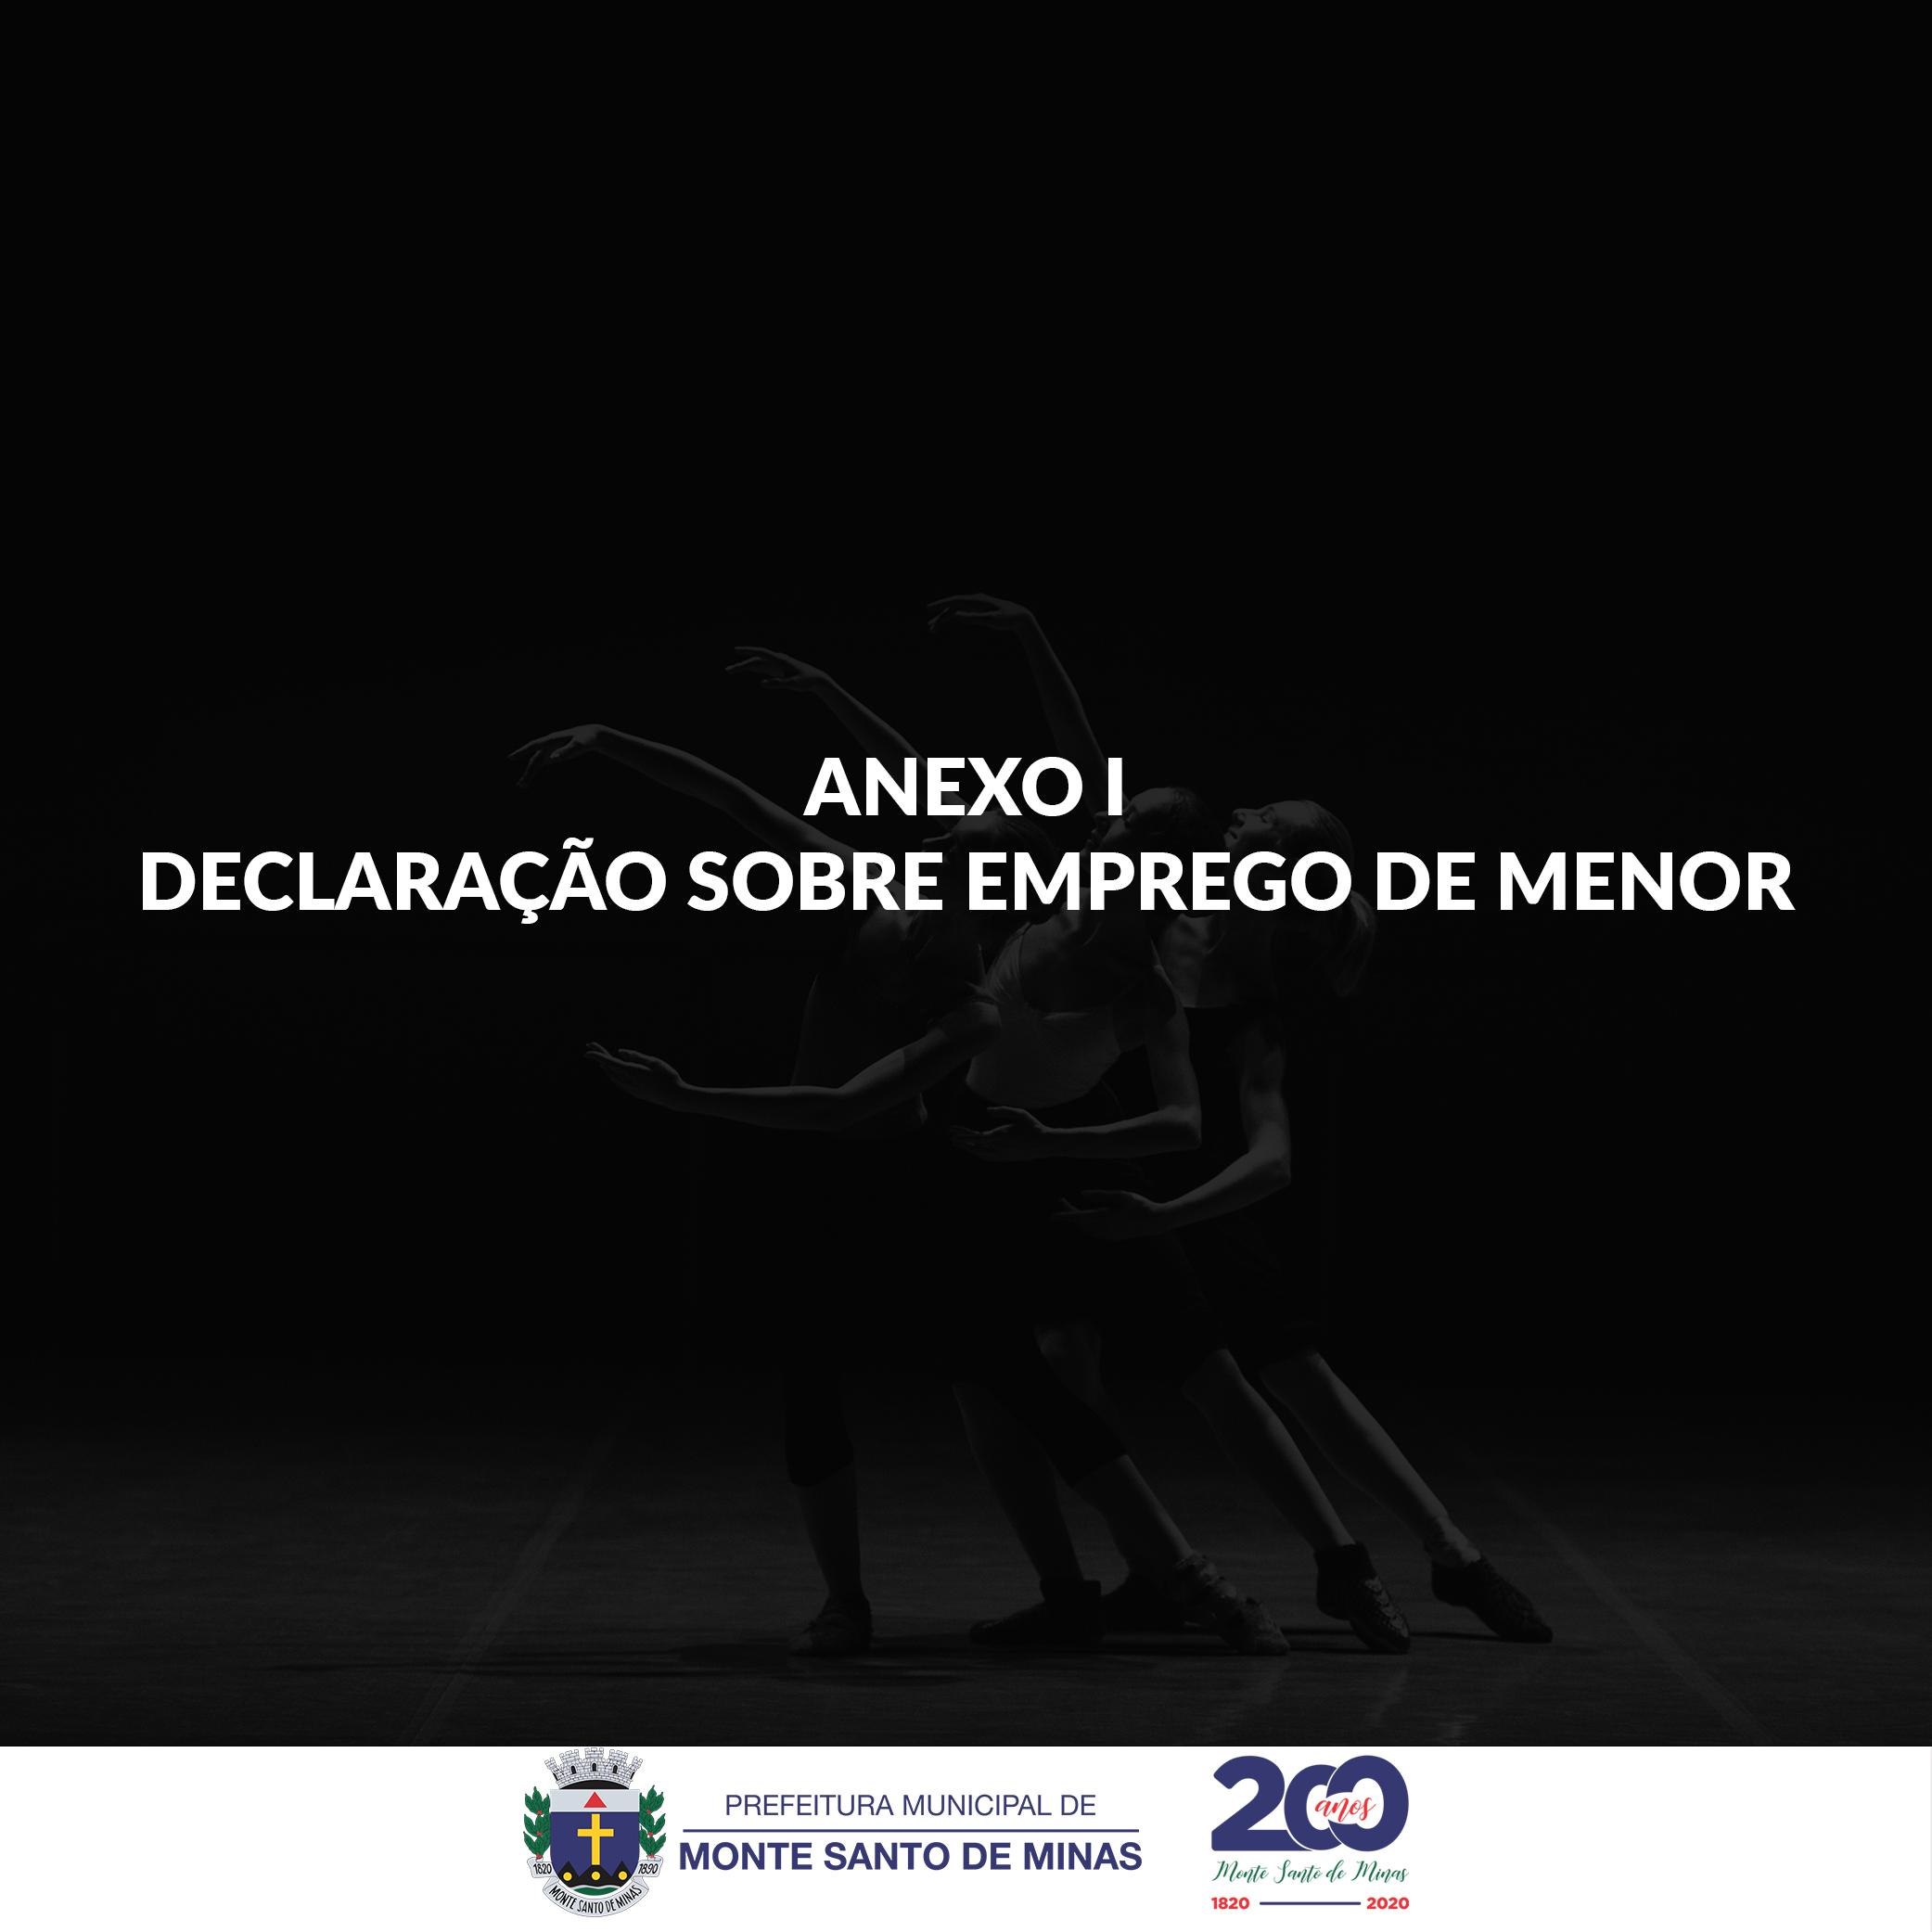 ANEXO I – DECLARAÇÃO SOBRE EMPREGO DE MENOR